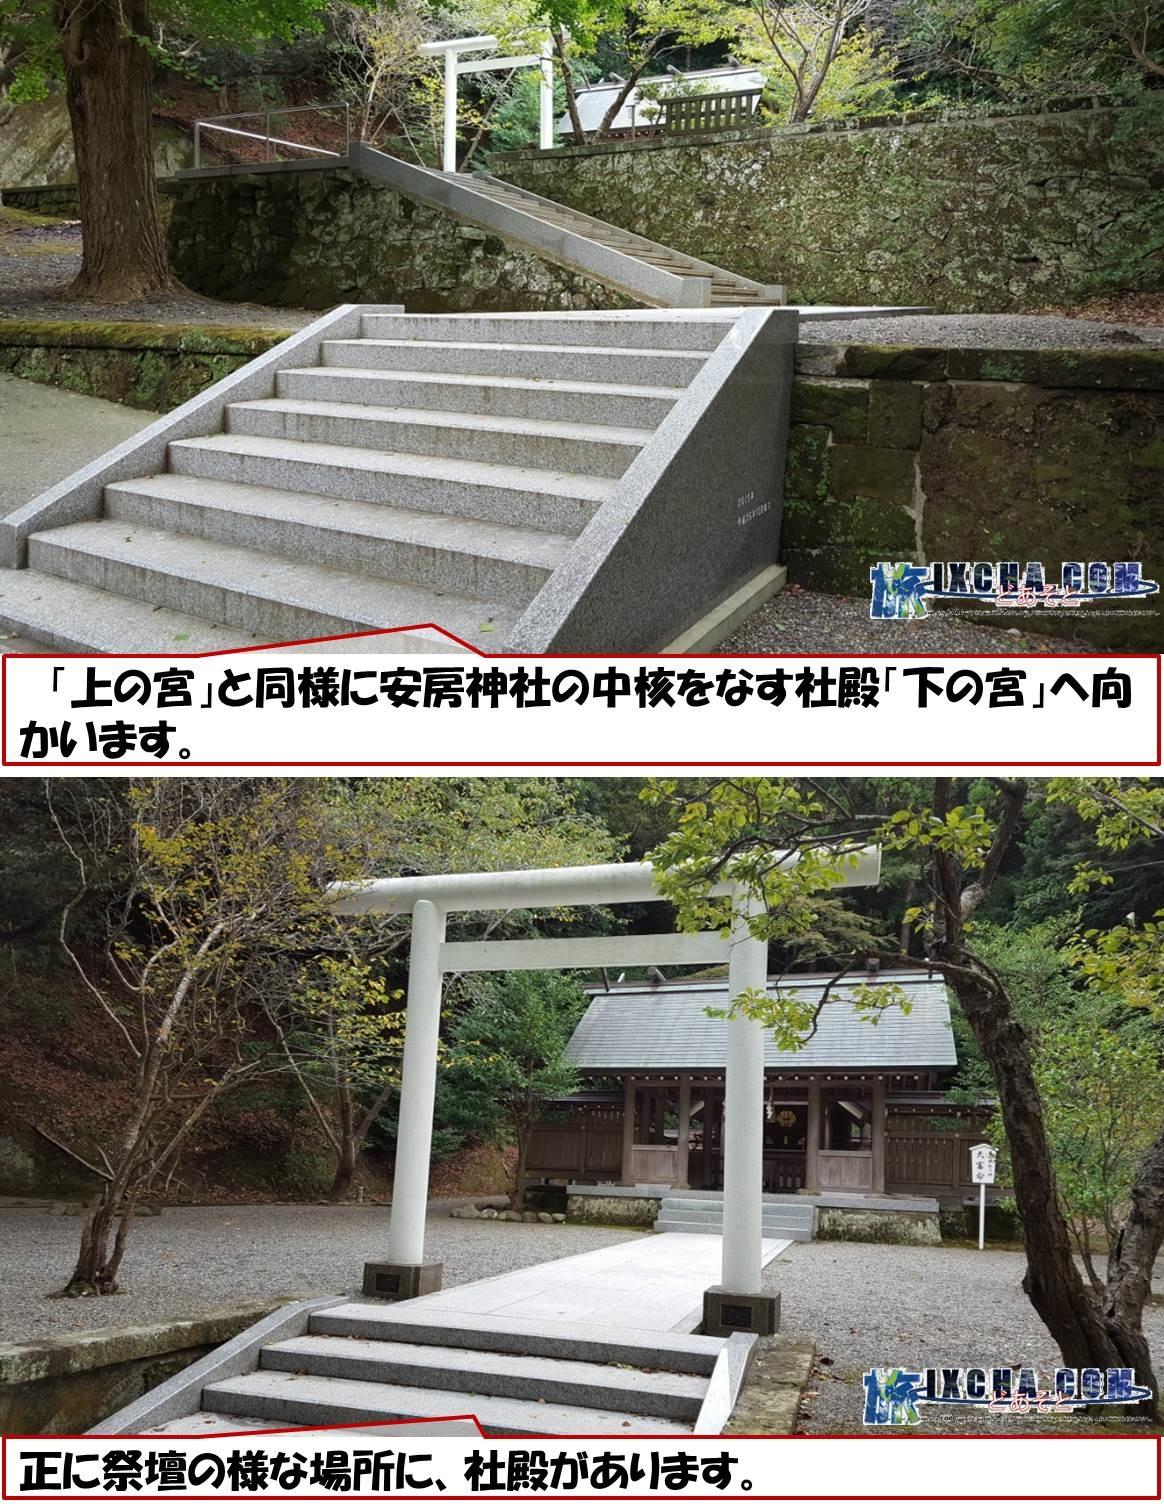 「上の宮」と同様に安房神社の中核をなす社殿「下の宮」へ向かいます。 正に祭壇の様な場所に、社殿があります。